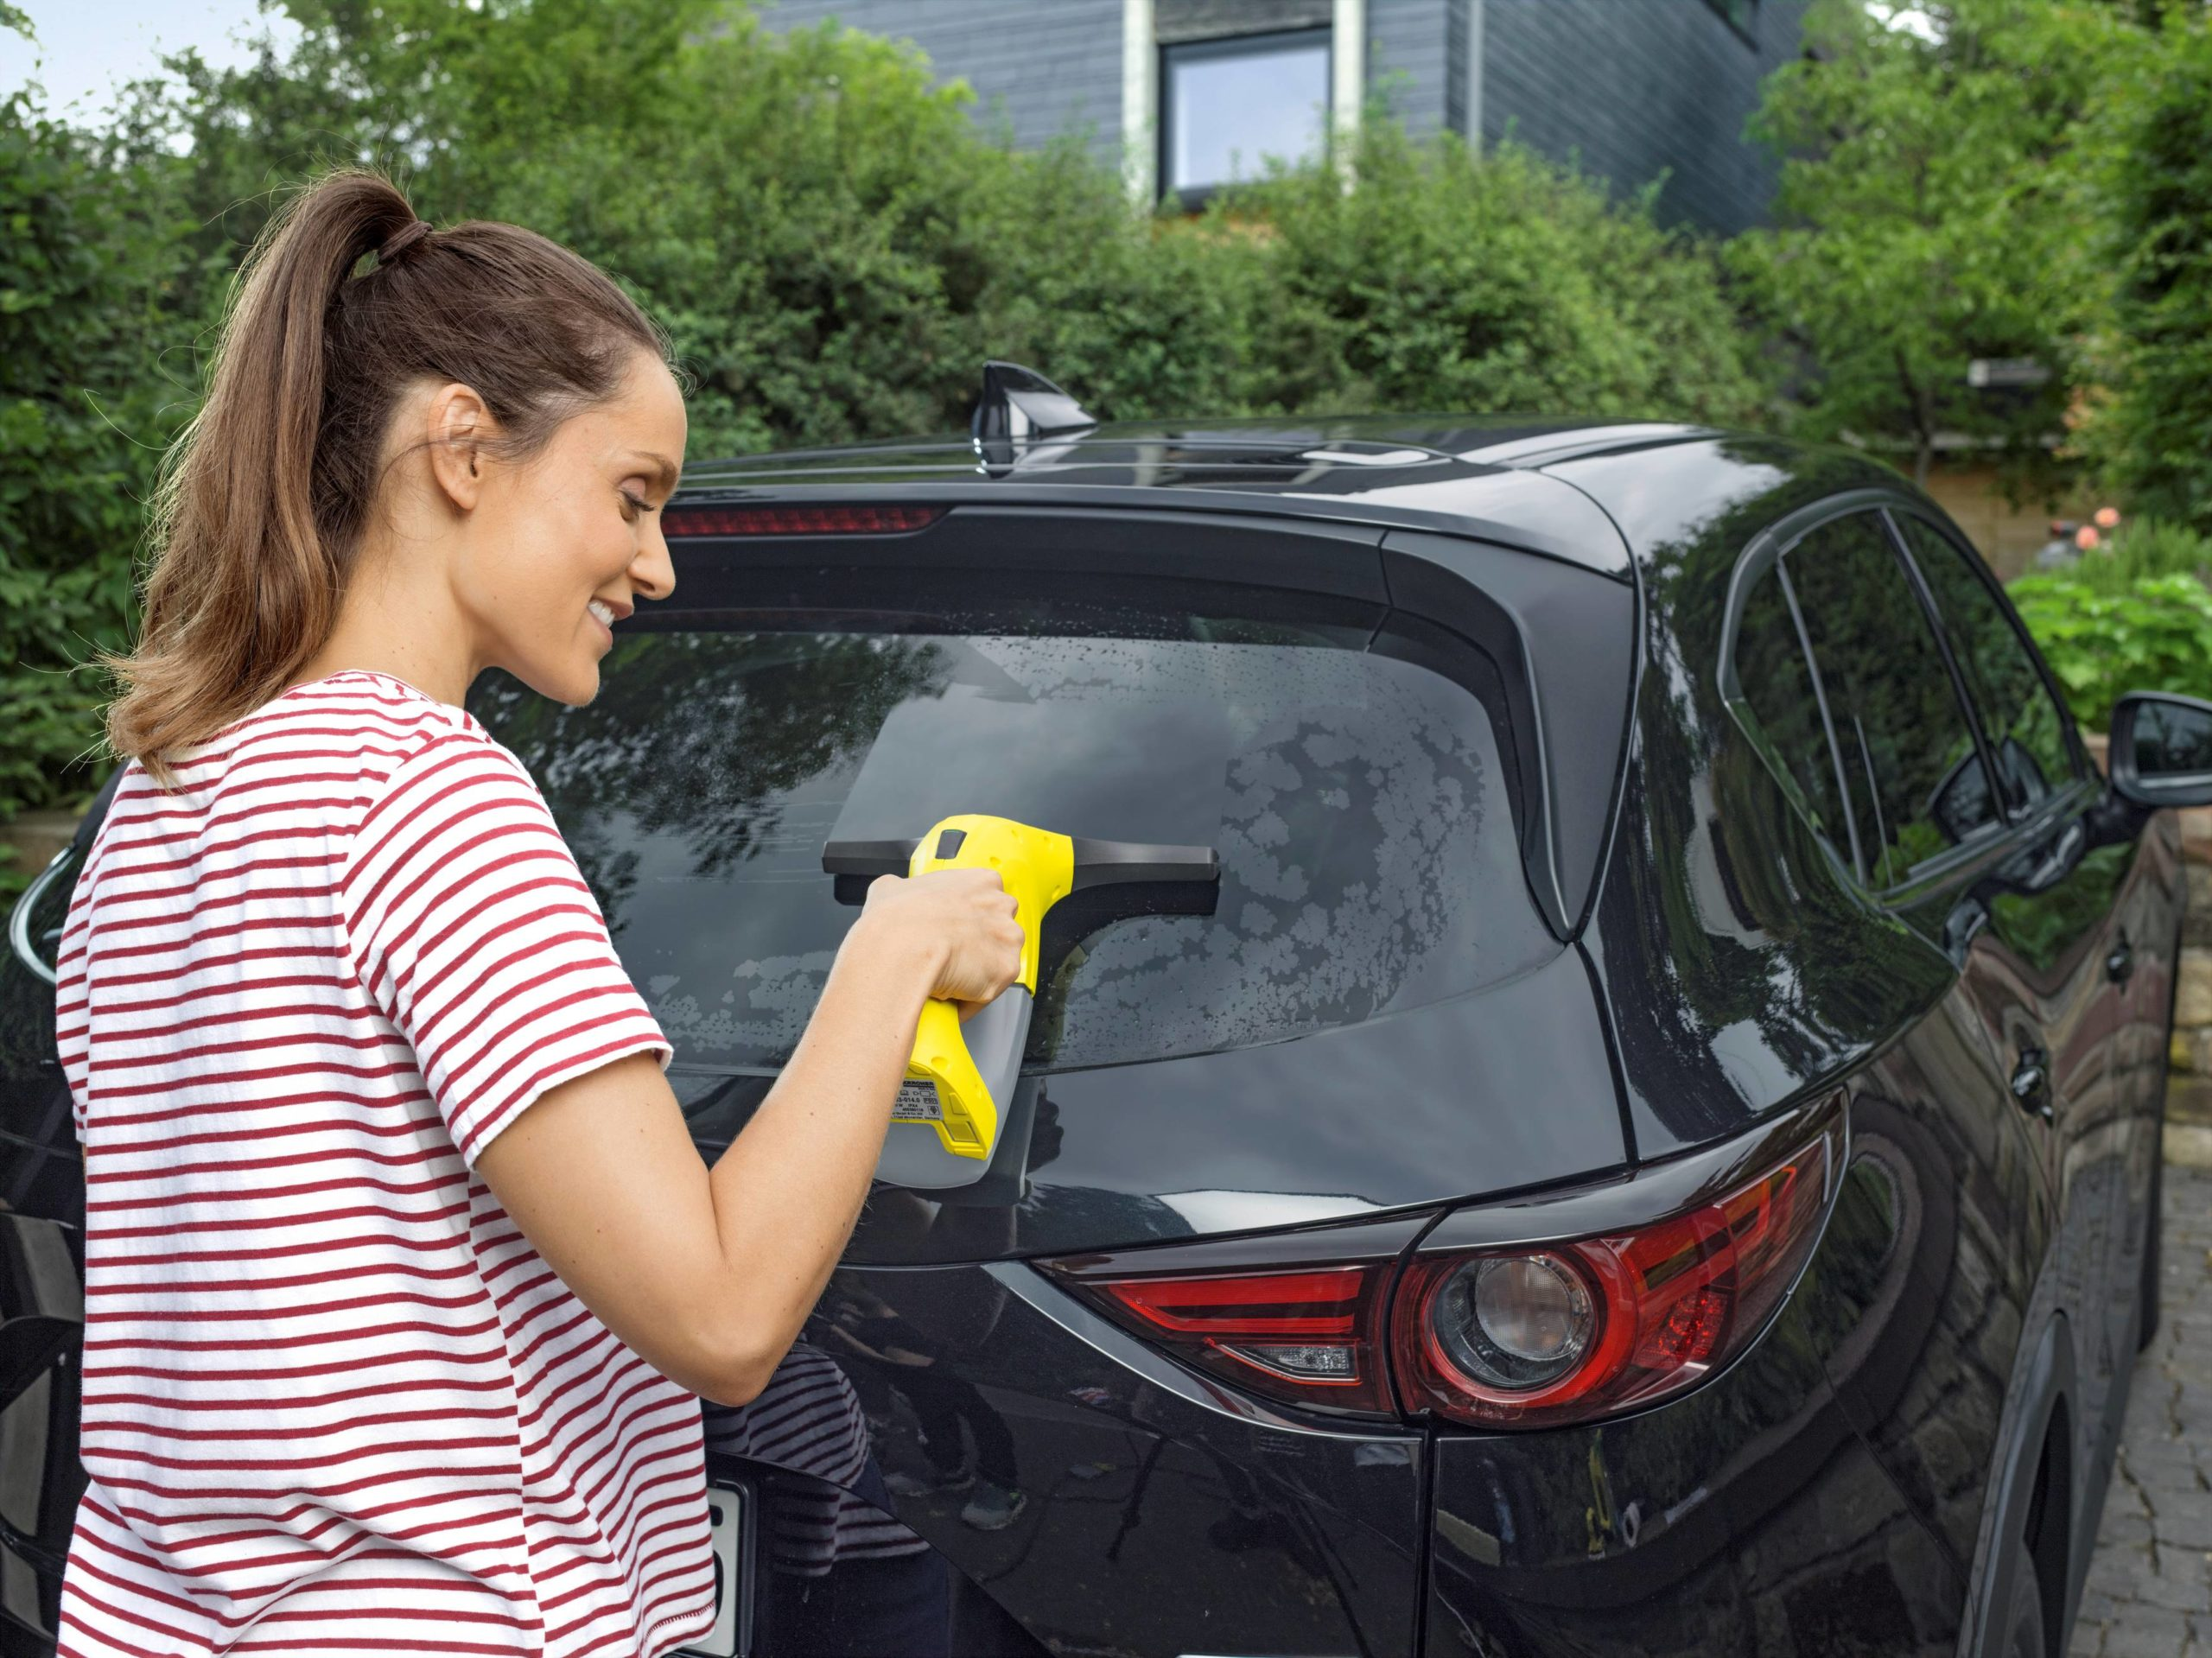 L'entretien rapide et pratique de votre véhicule grâce à Kärcher